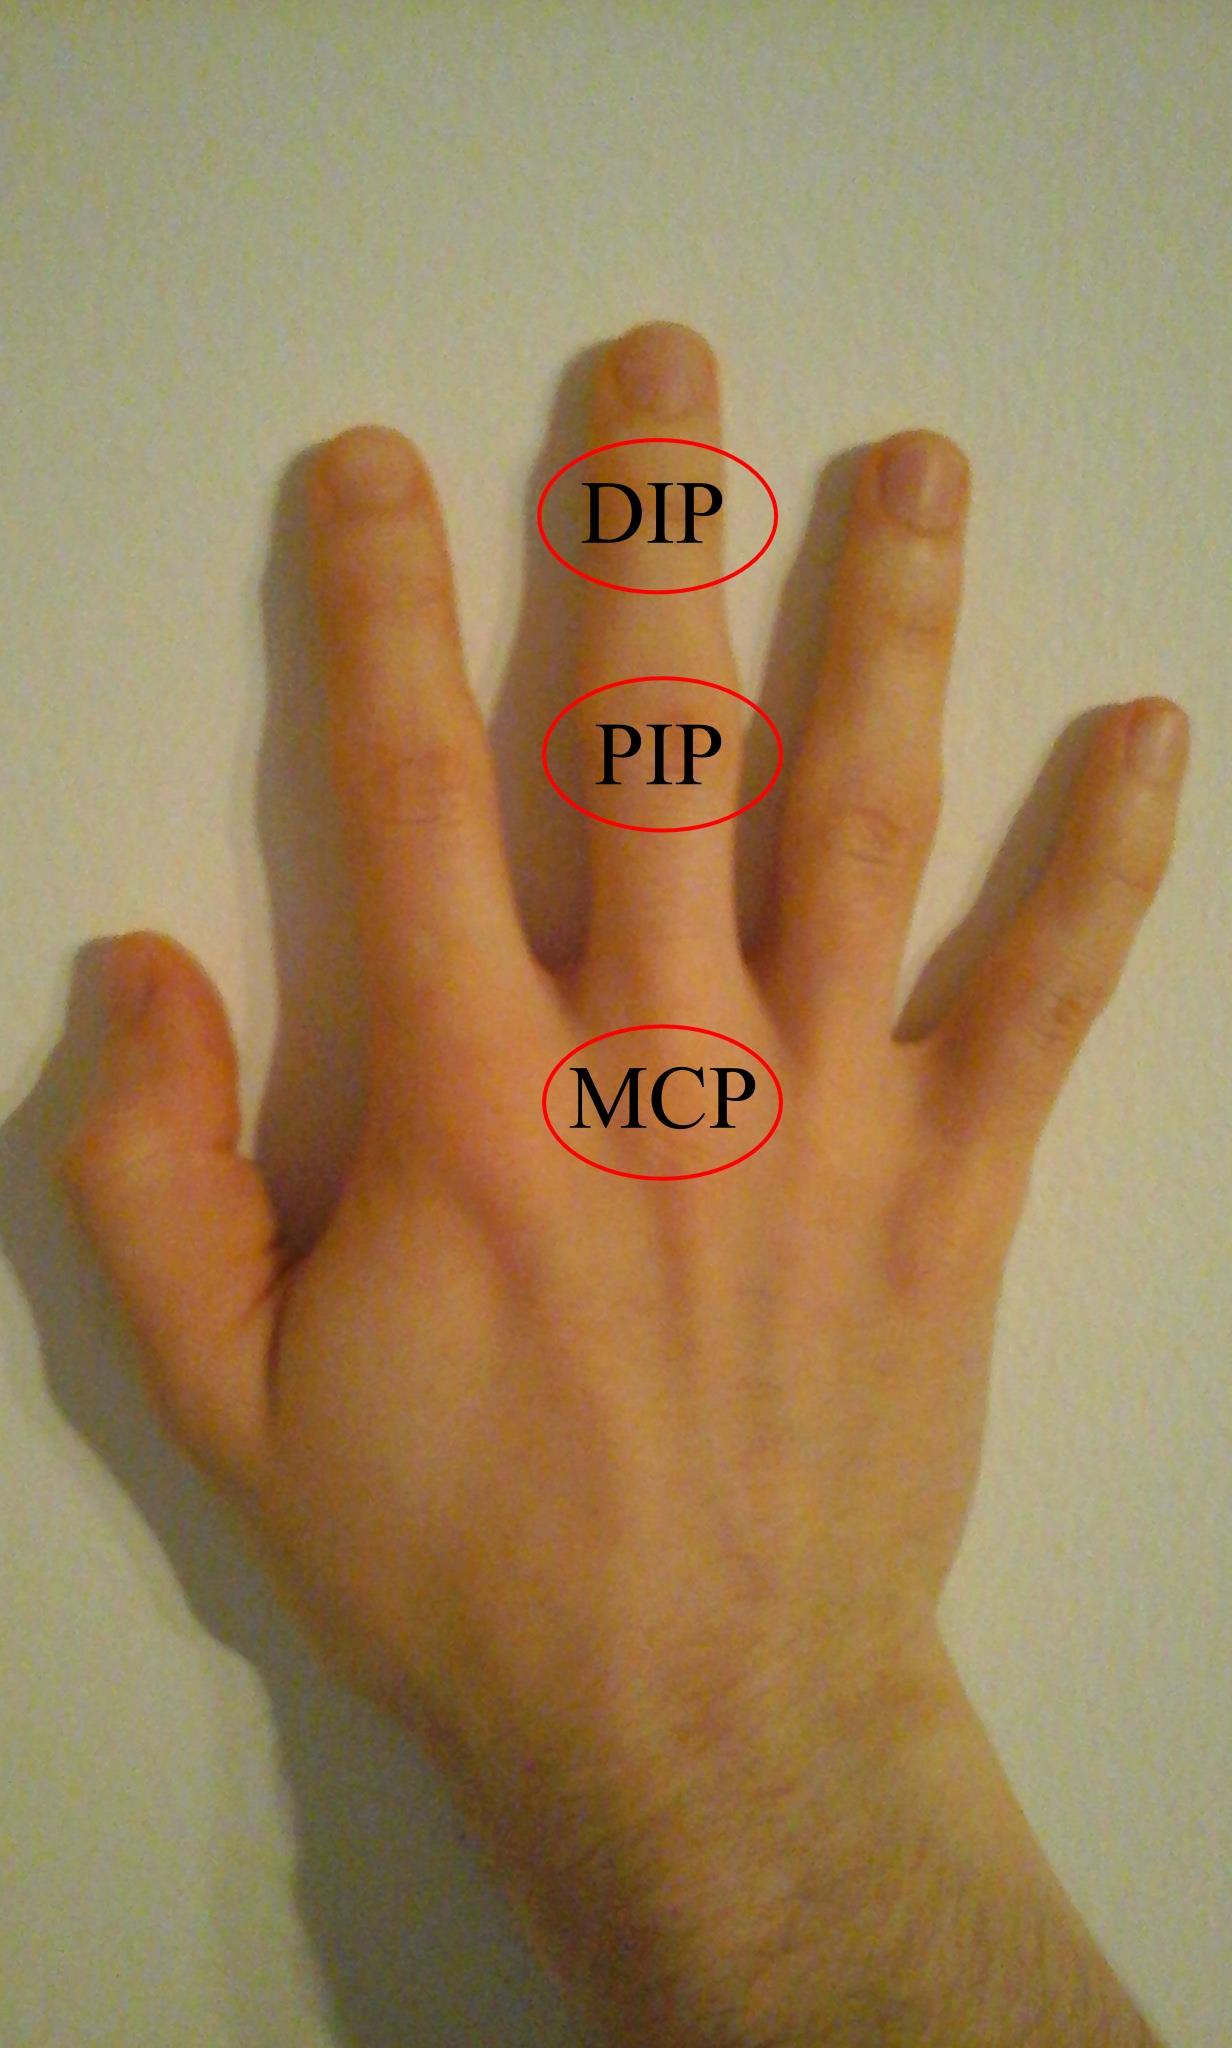 ízületi betegség markerek)